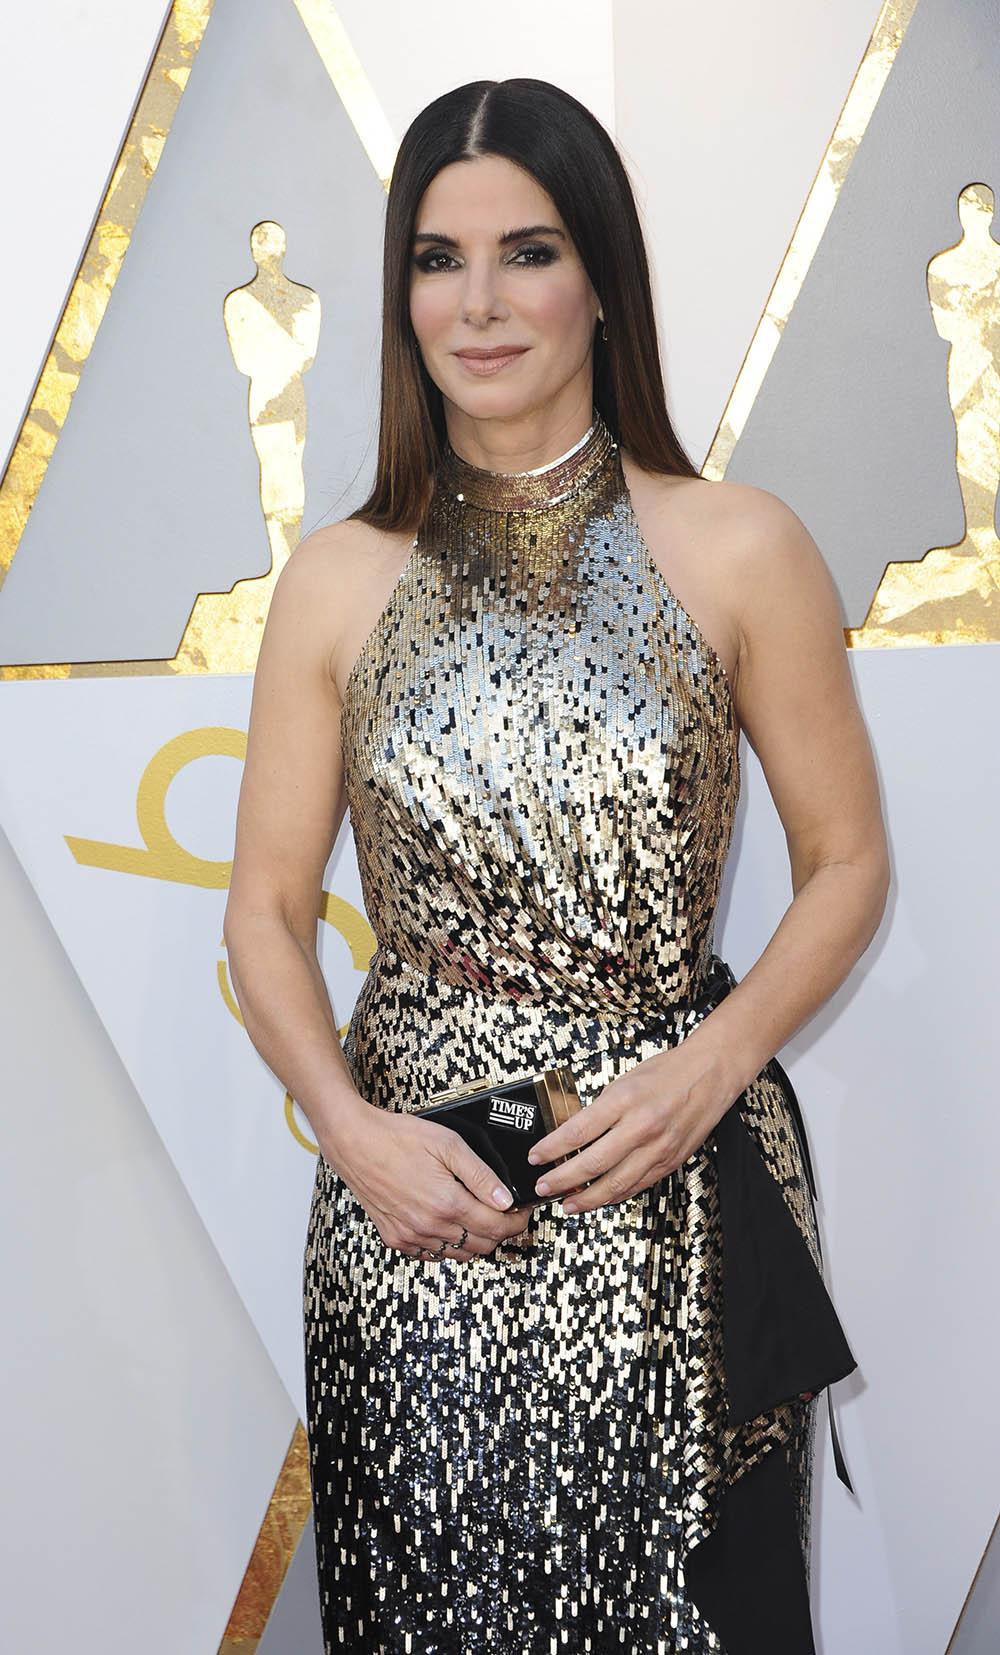 Sandra Bullock at the 90th Academy Awards